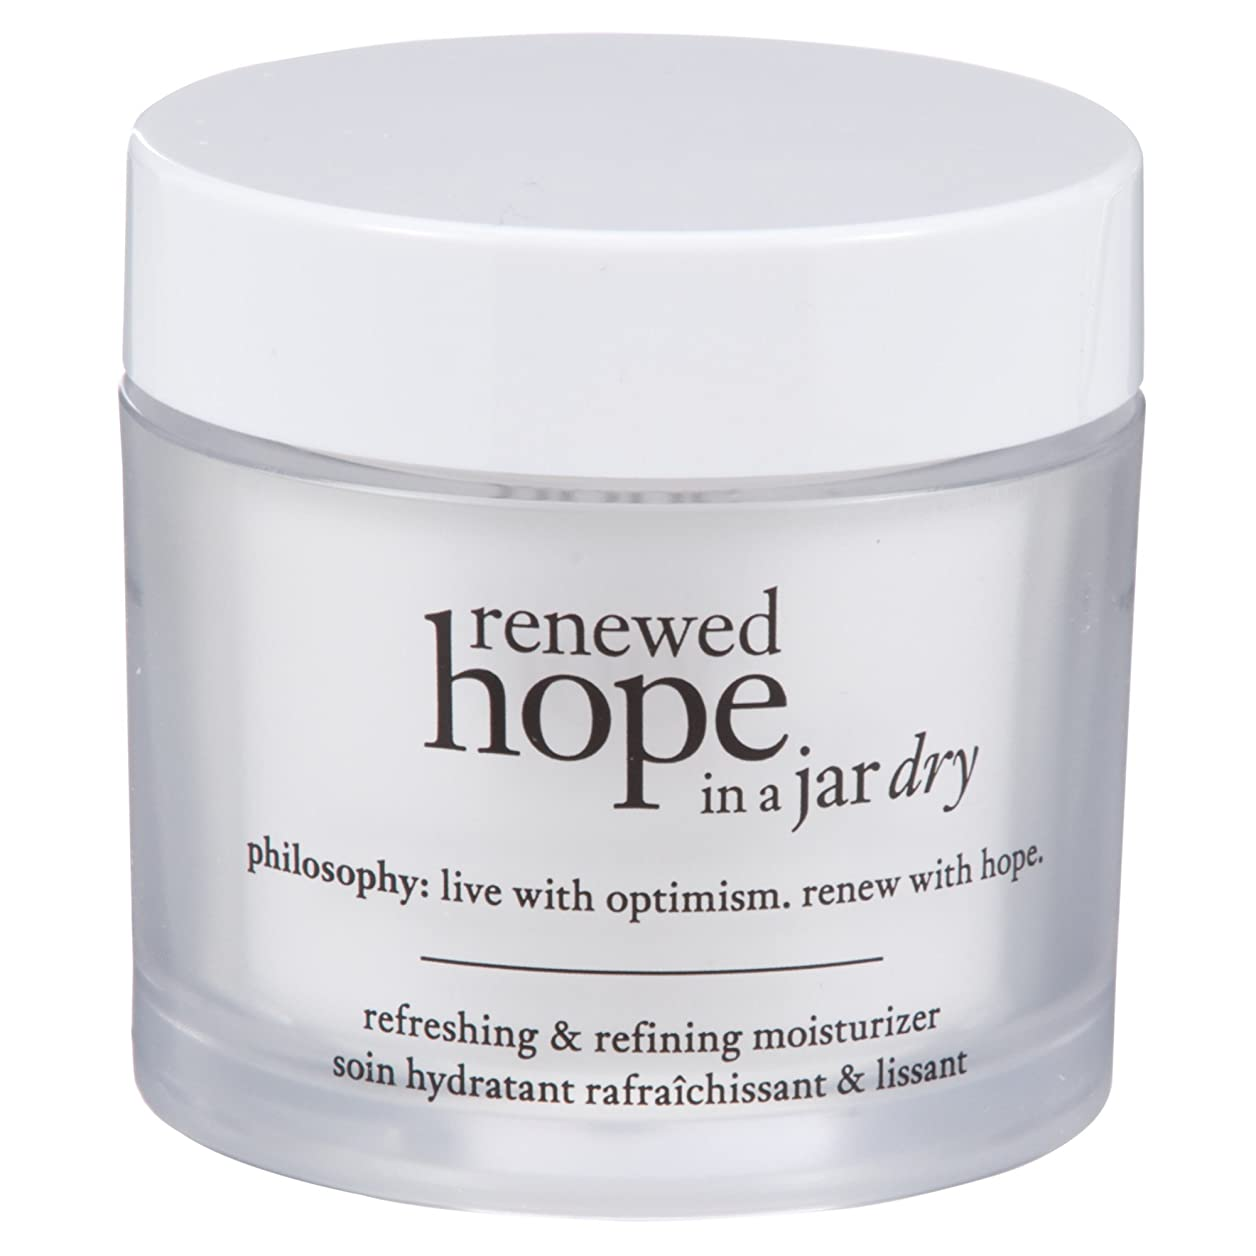 神社反対した懐疑的瓶乾燥肌の保湿60ミリリットルで哲学新たな希望 (Philosophy) (x2) - Philosophy Renewed Hope in a Jar Dry Skin Moisturiser 60ml (Pack of 2) [並行輸入品]